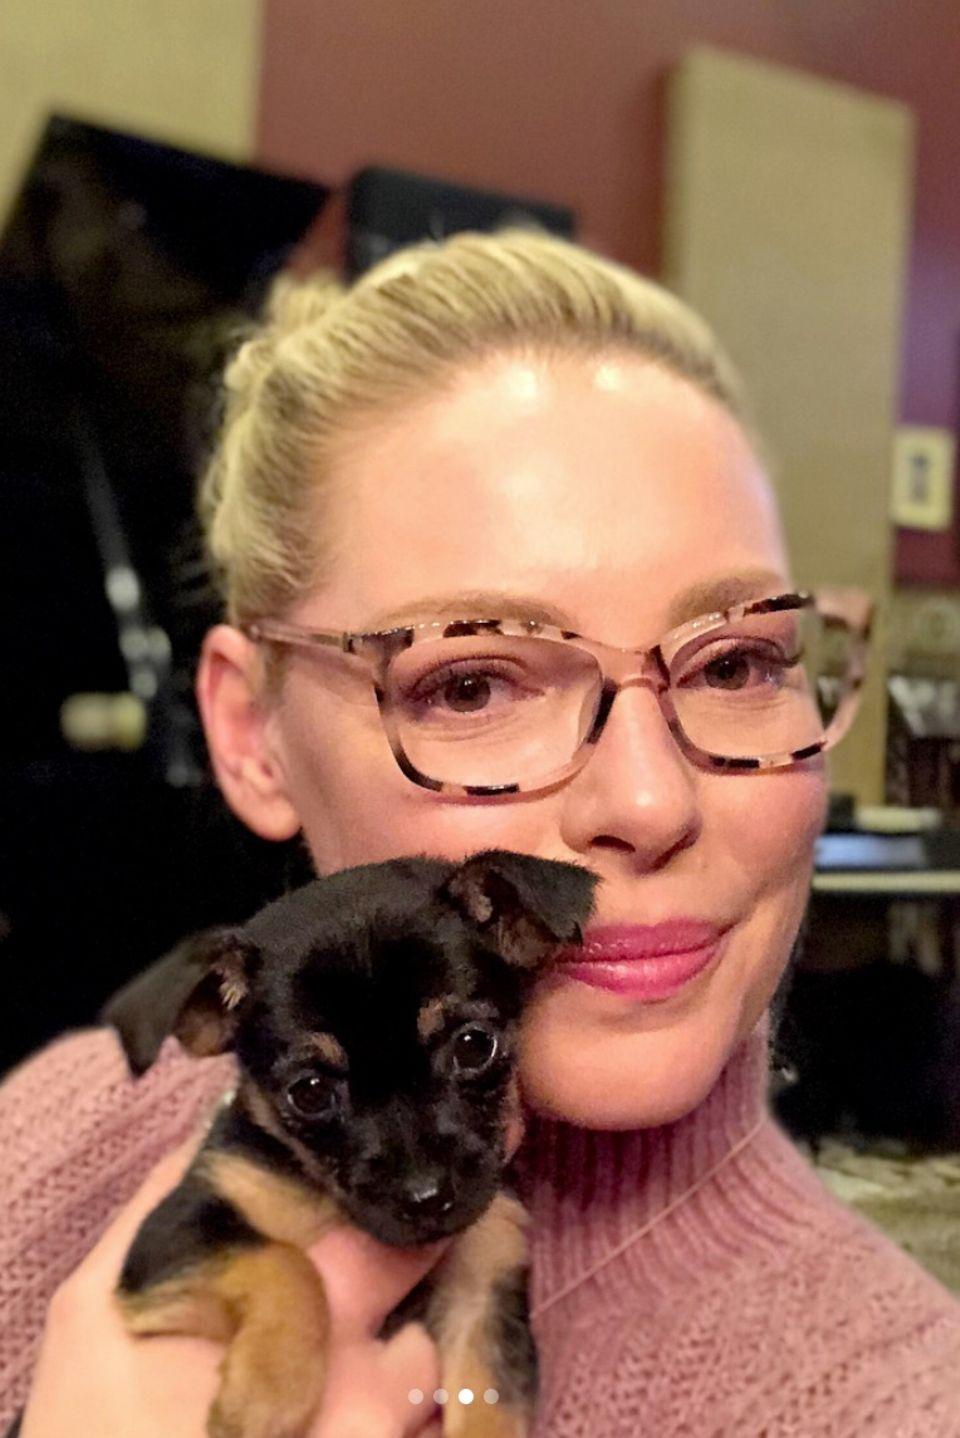 Wie niedlich ist das denn bitte?! Schauspielerin Katherine Heigl postet sich mit einem zuckersüßen Hundewelpen.